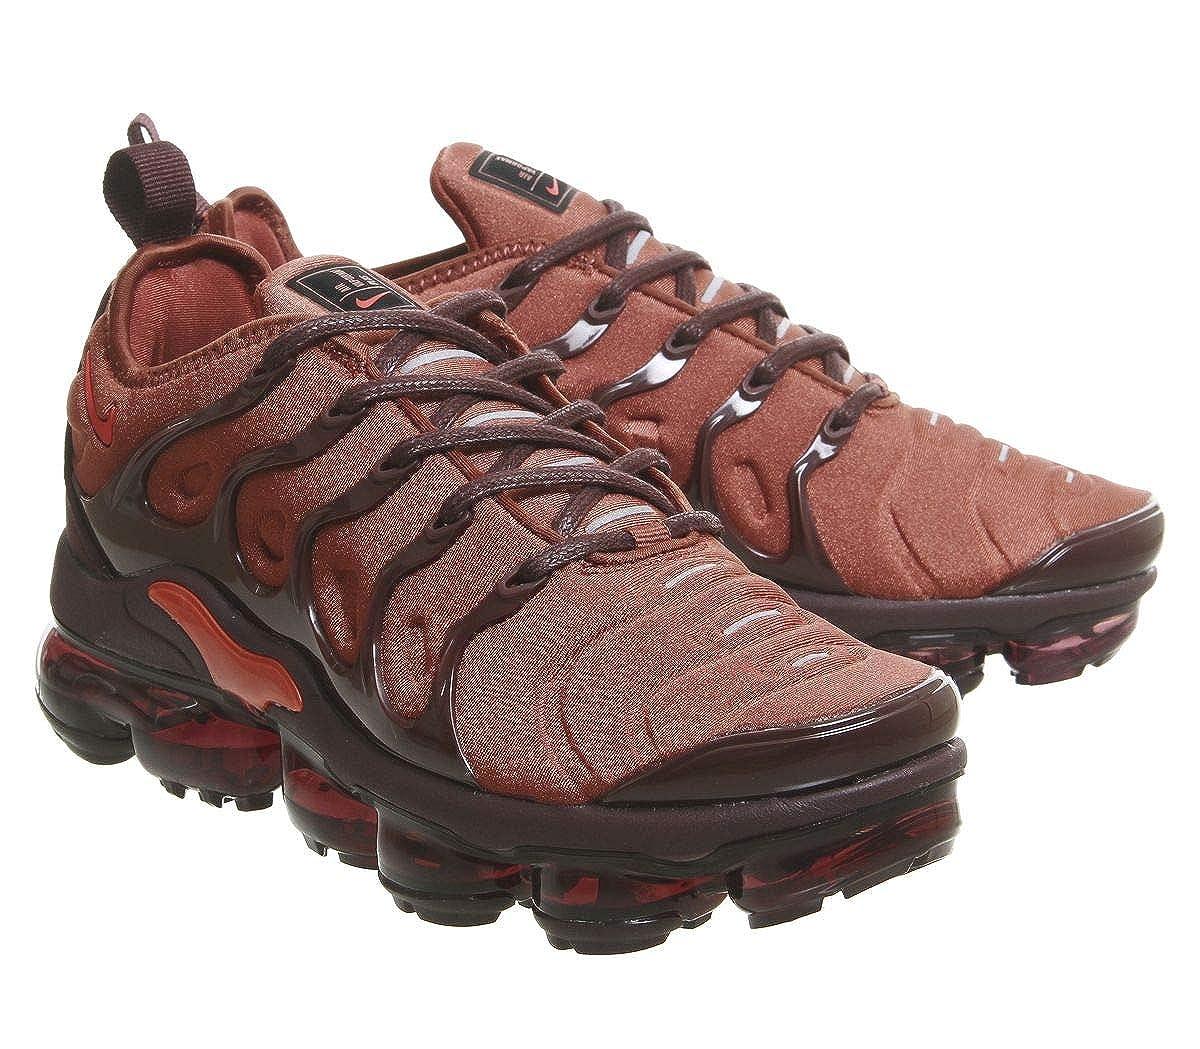 online store 0d7d4 e4dcf Nike Women's W Air Vapormax Plus Fitness Shoes: Amazon.co.uk ...